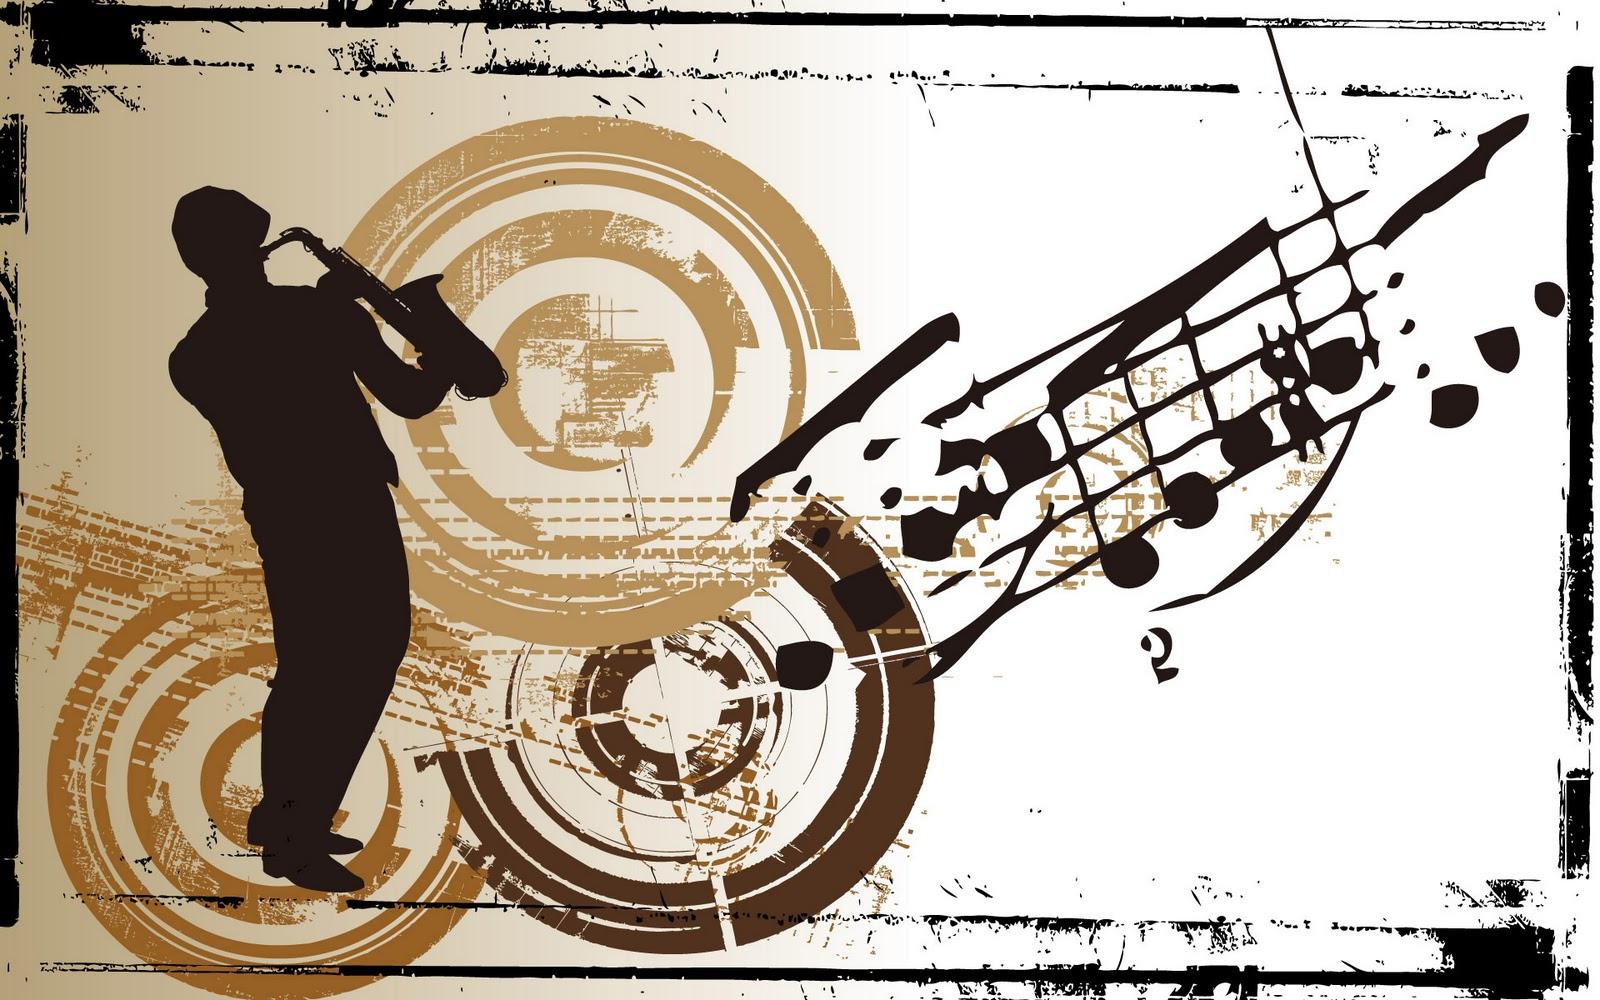 dj music wallpaper backgrounds